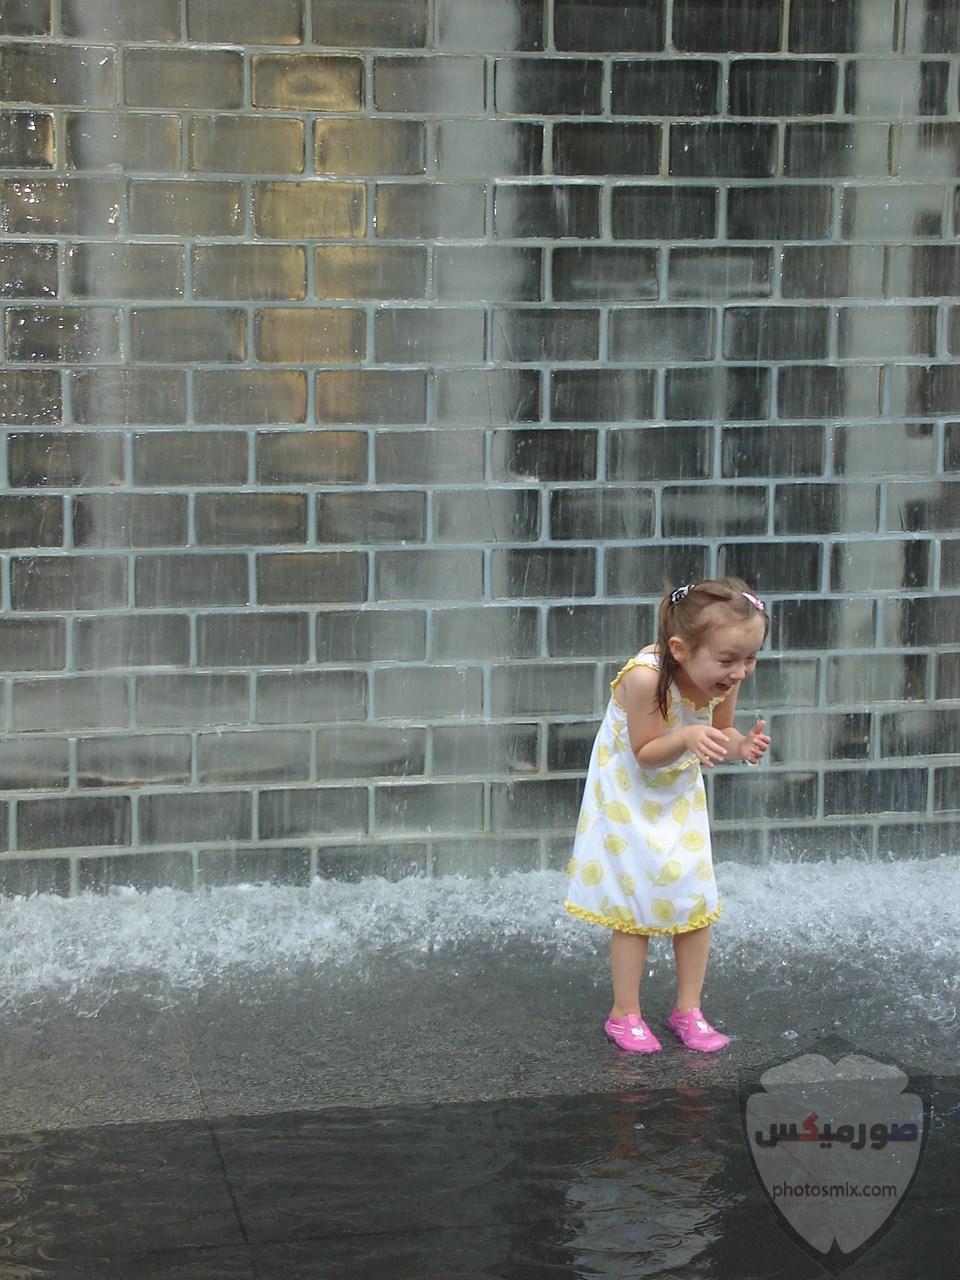 صور مطر جميلة اجمل خلفيات قطرات المطر ادعية عن الامطار والشتاء 17 1